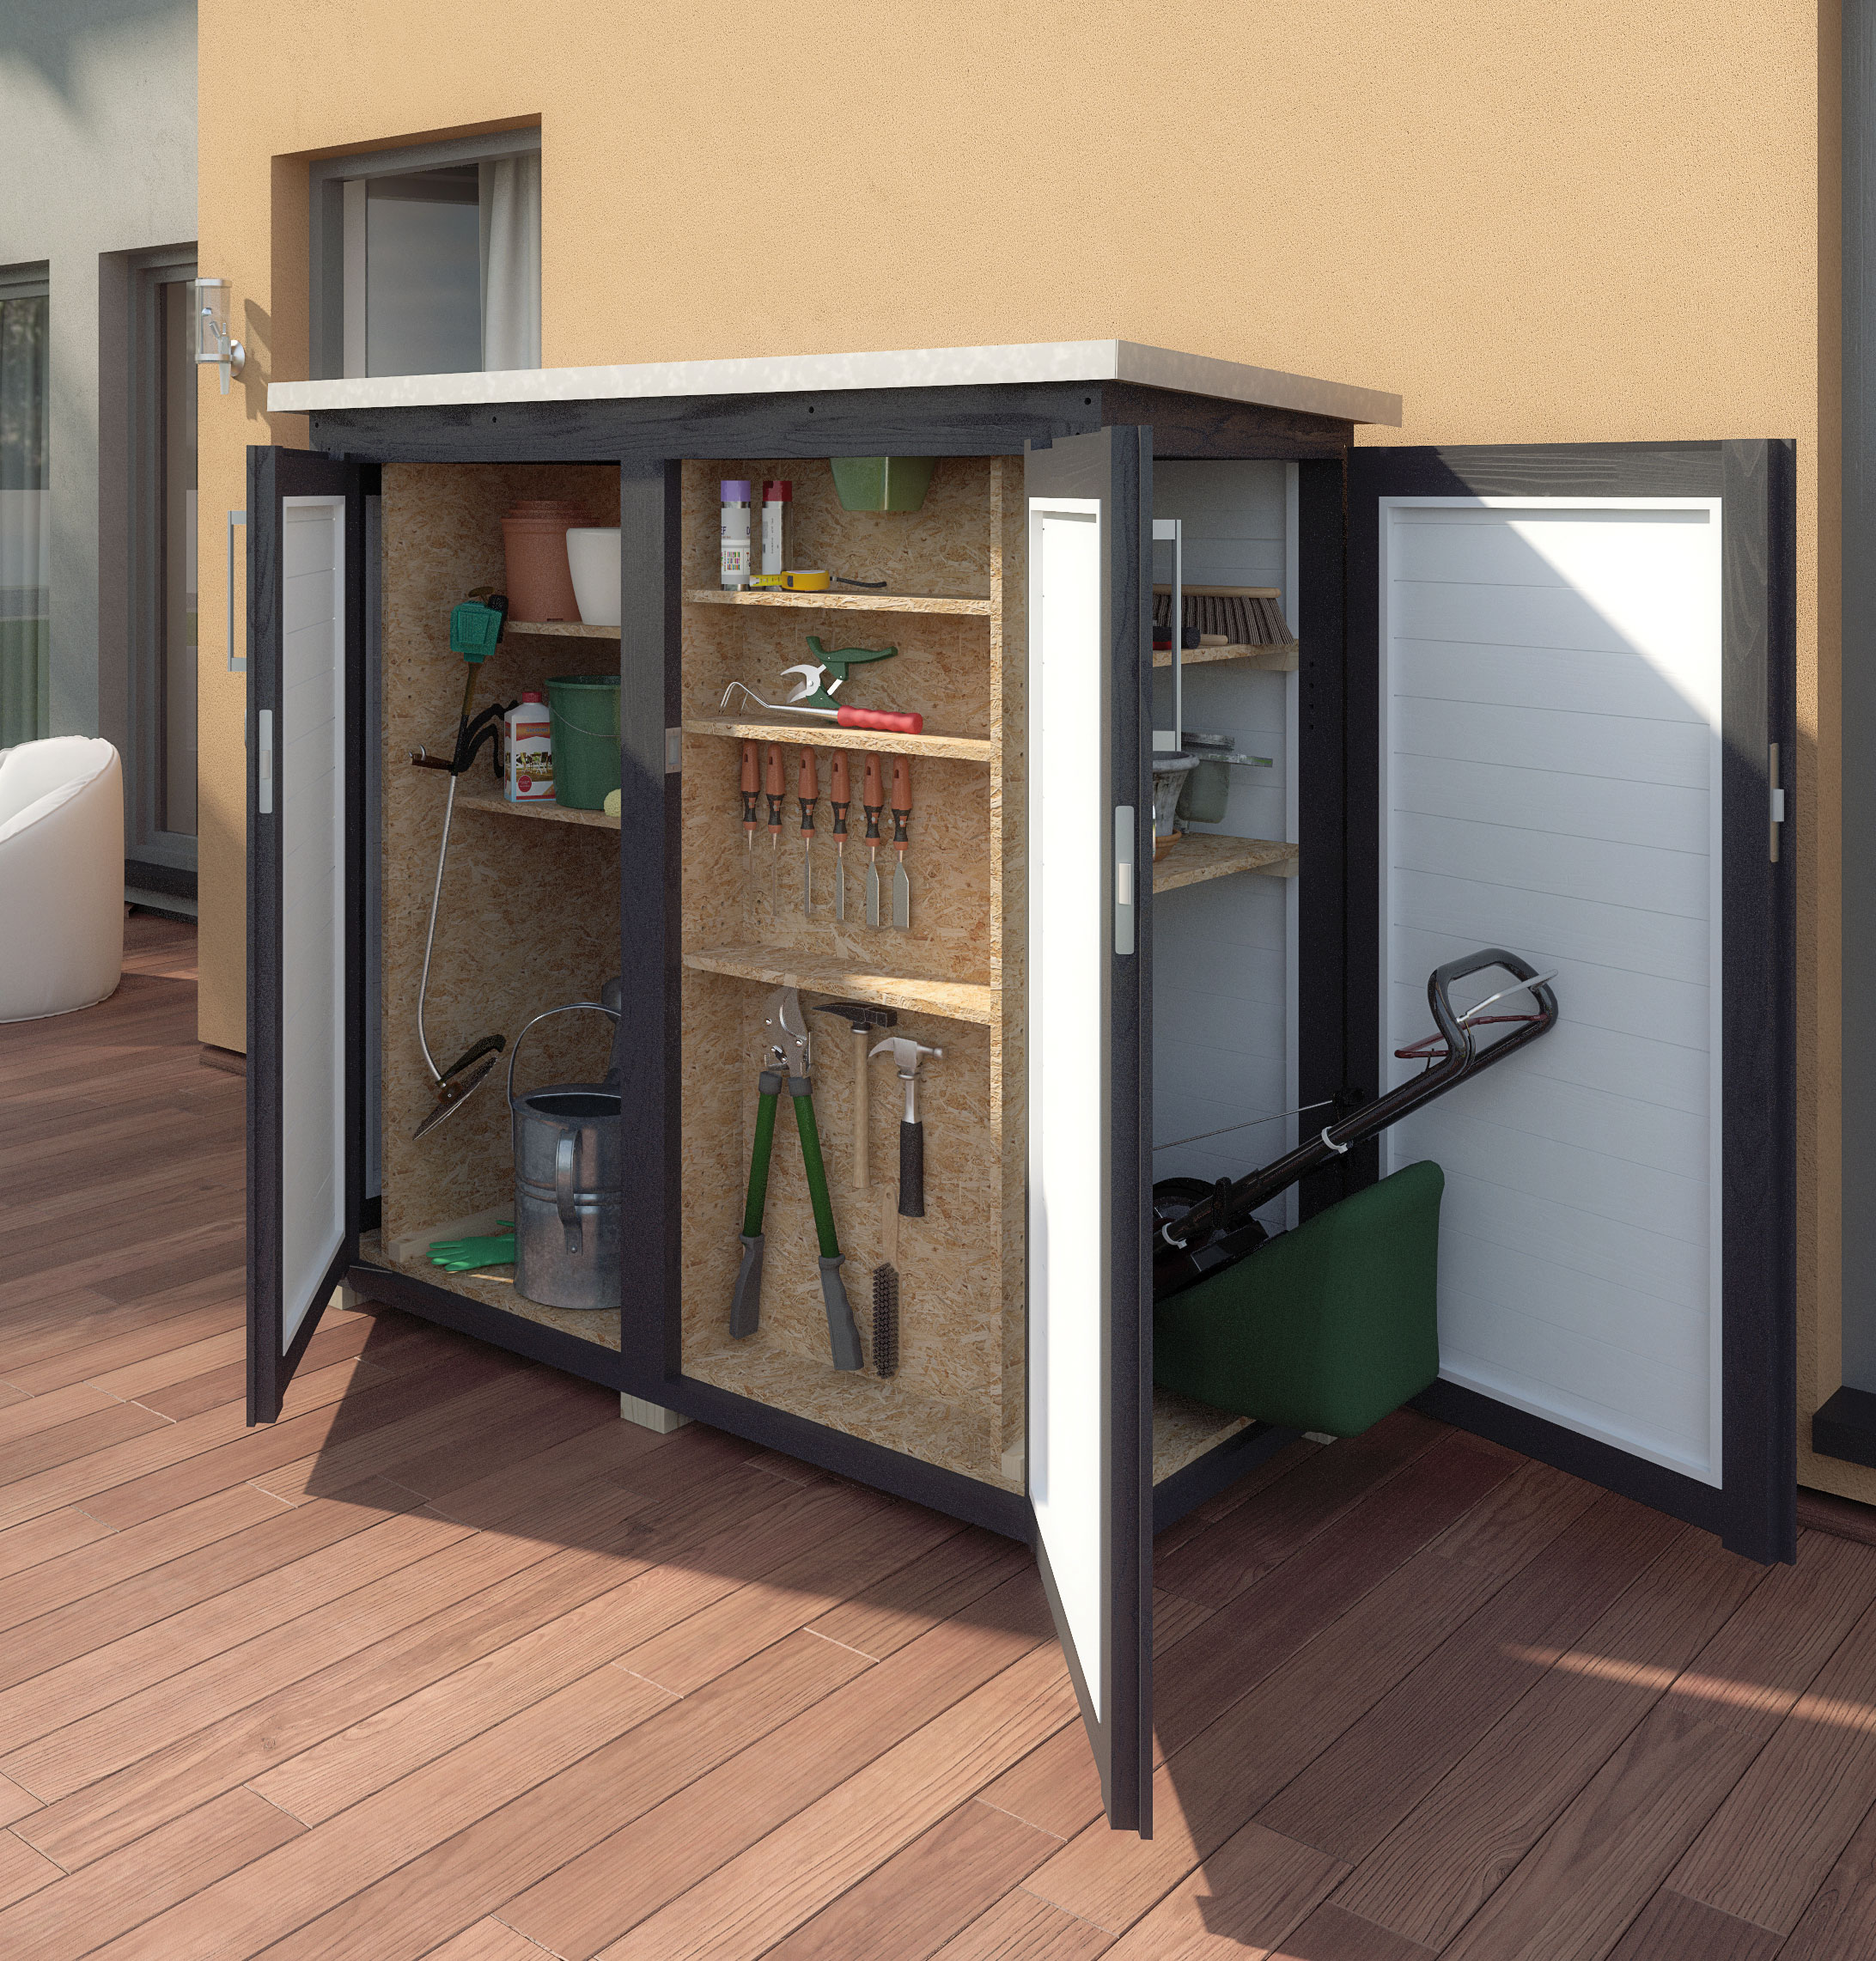 Gartenschrank ger teschrank 18mm weka teras anthrazit 160x75cm bei - Kleiner gartenschrank ...